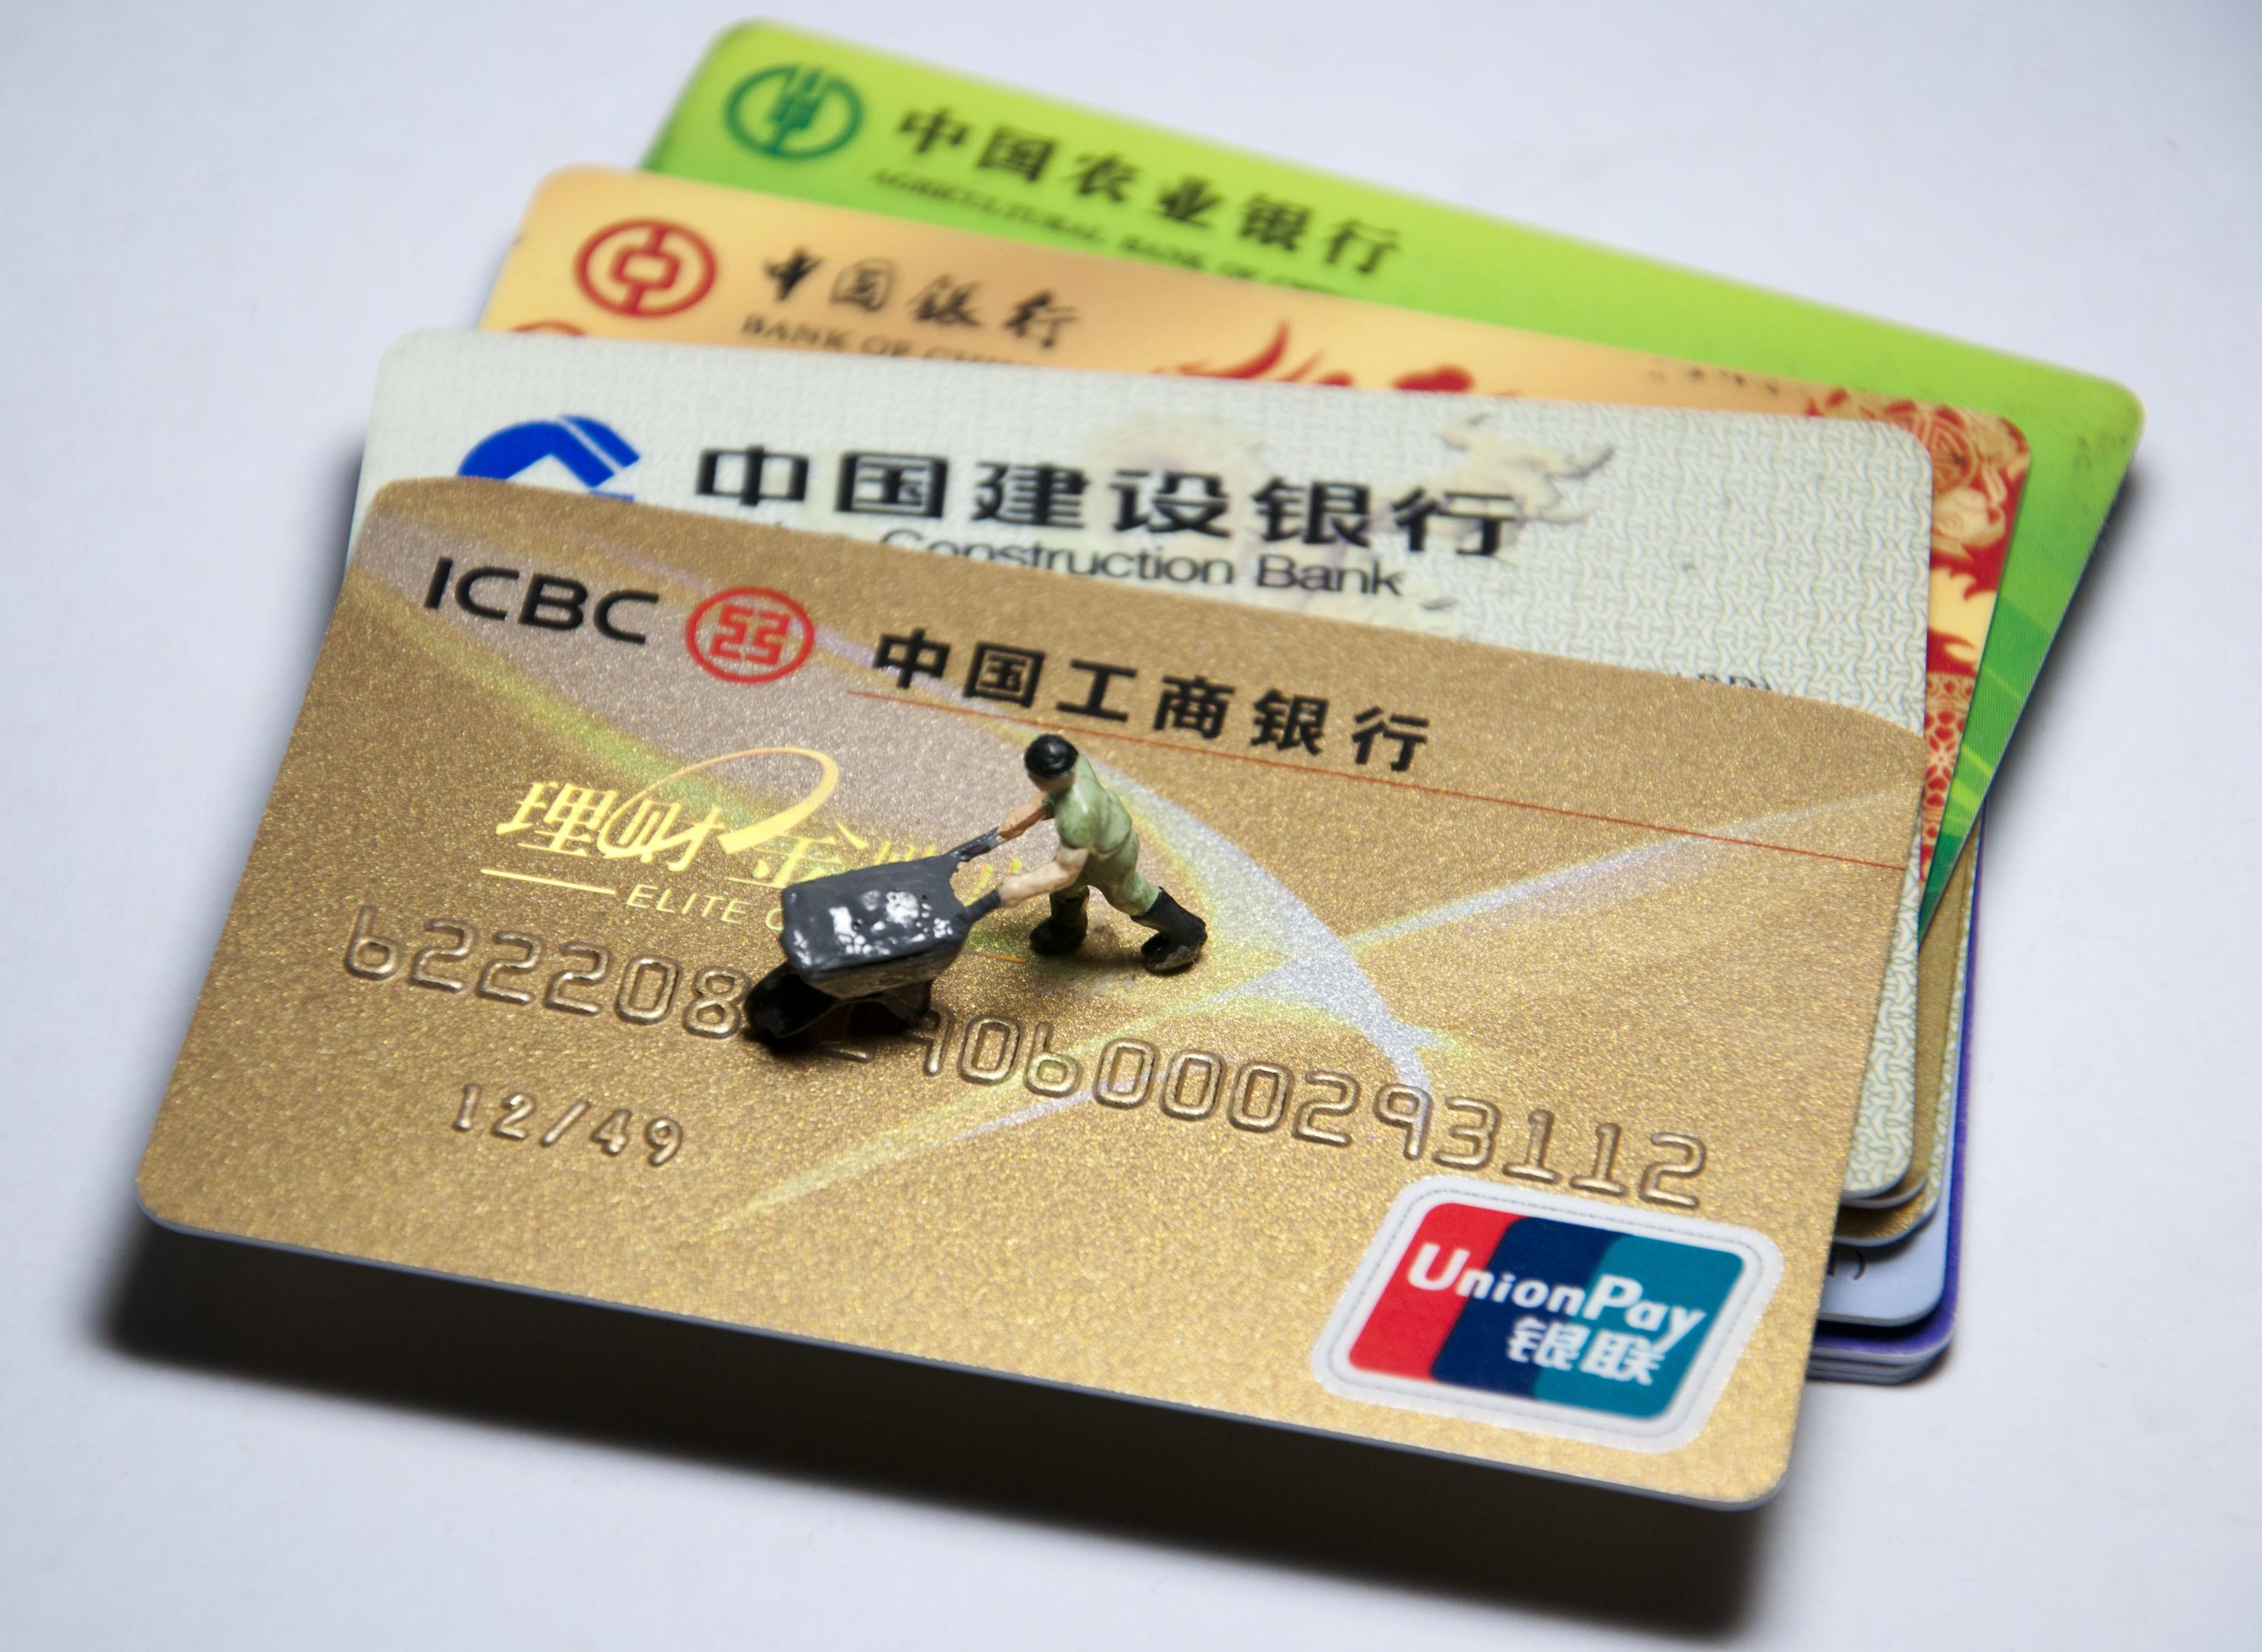 信用卡的7个大坑,99%的人都被坑过,有你吗?